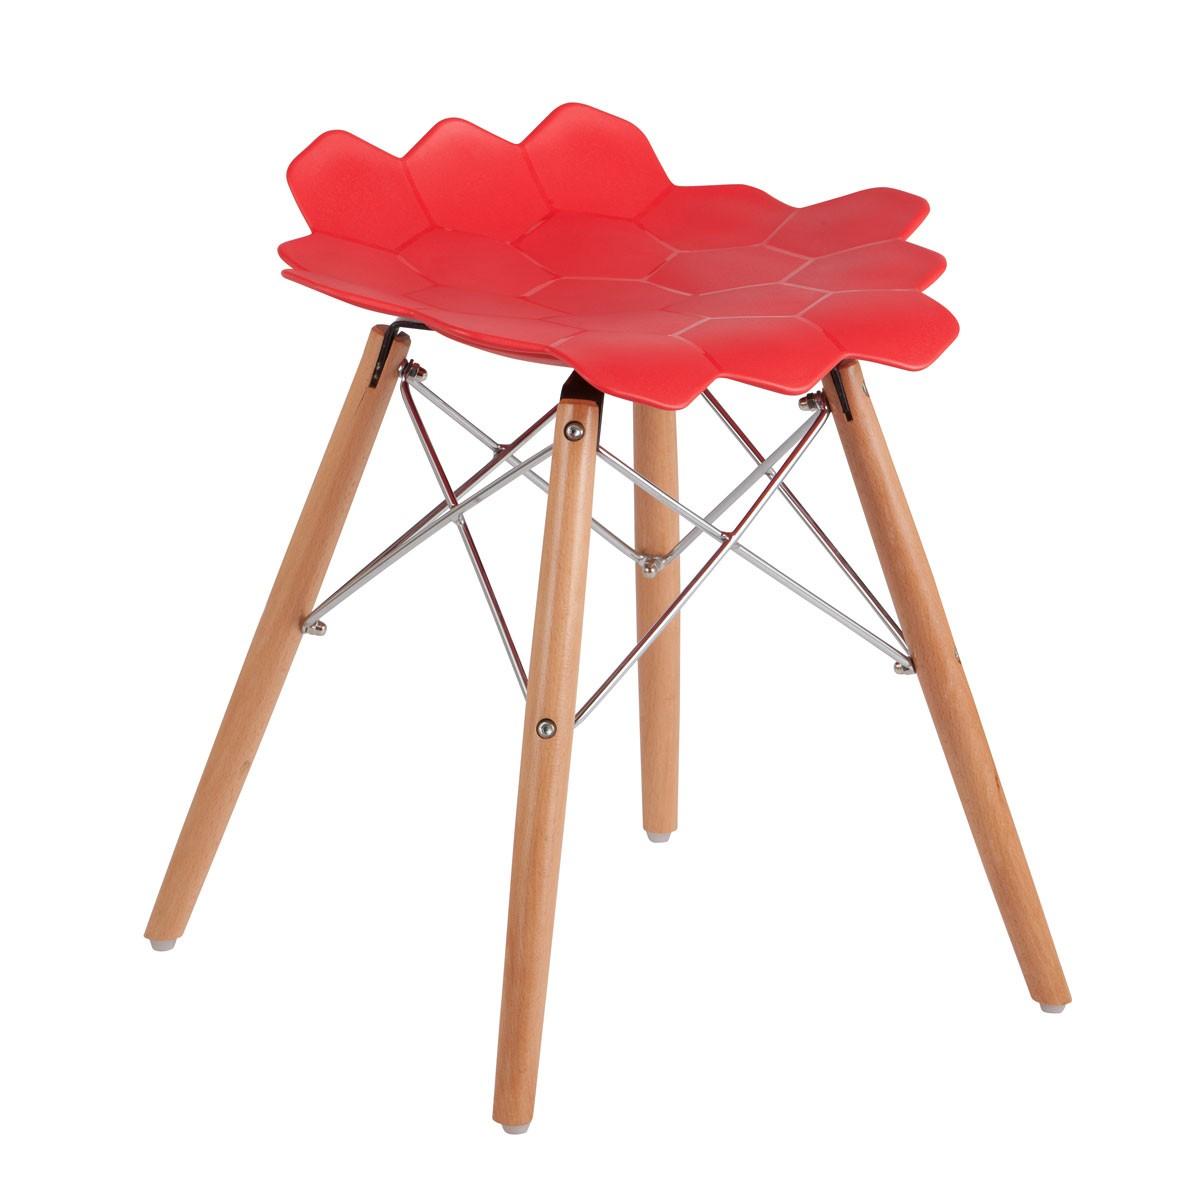 Chaise plastique en rouge avec 4 pieds bois ymg 9211 1 for Chaise plastique bois